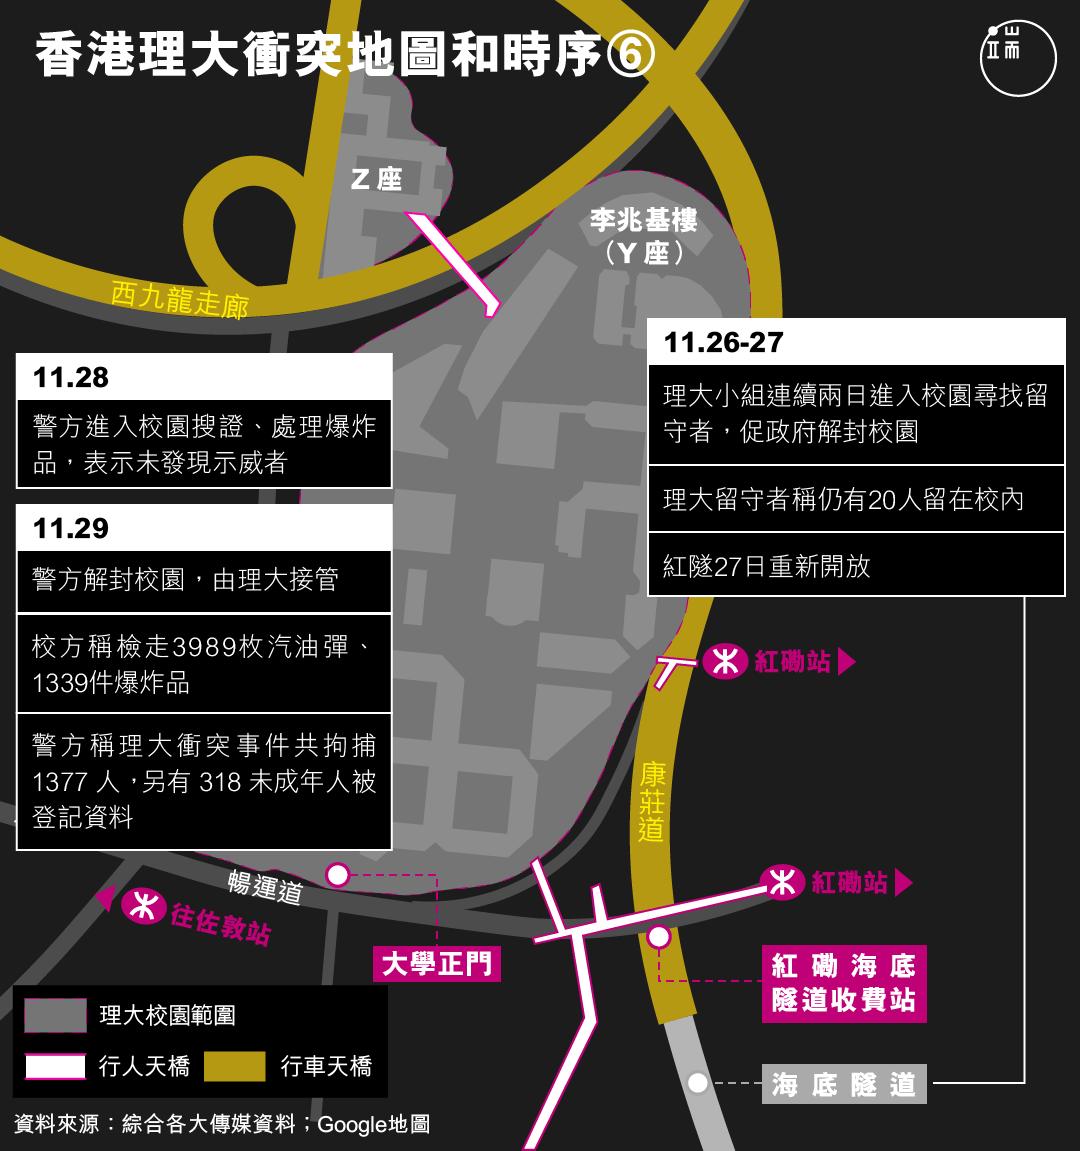 香港理大衝突地圖和時序(6)